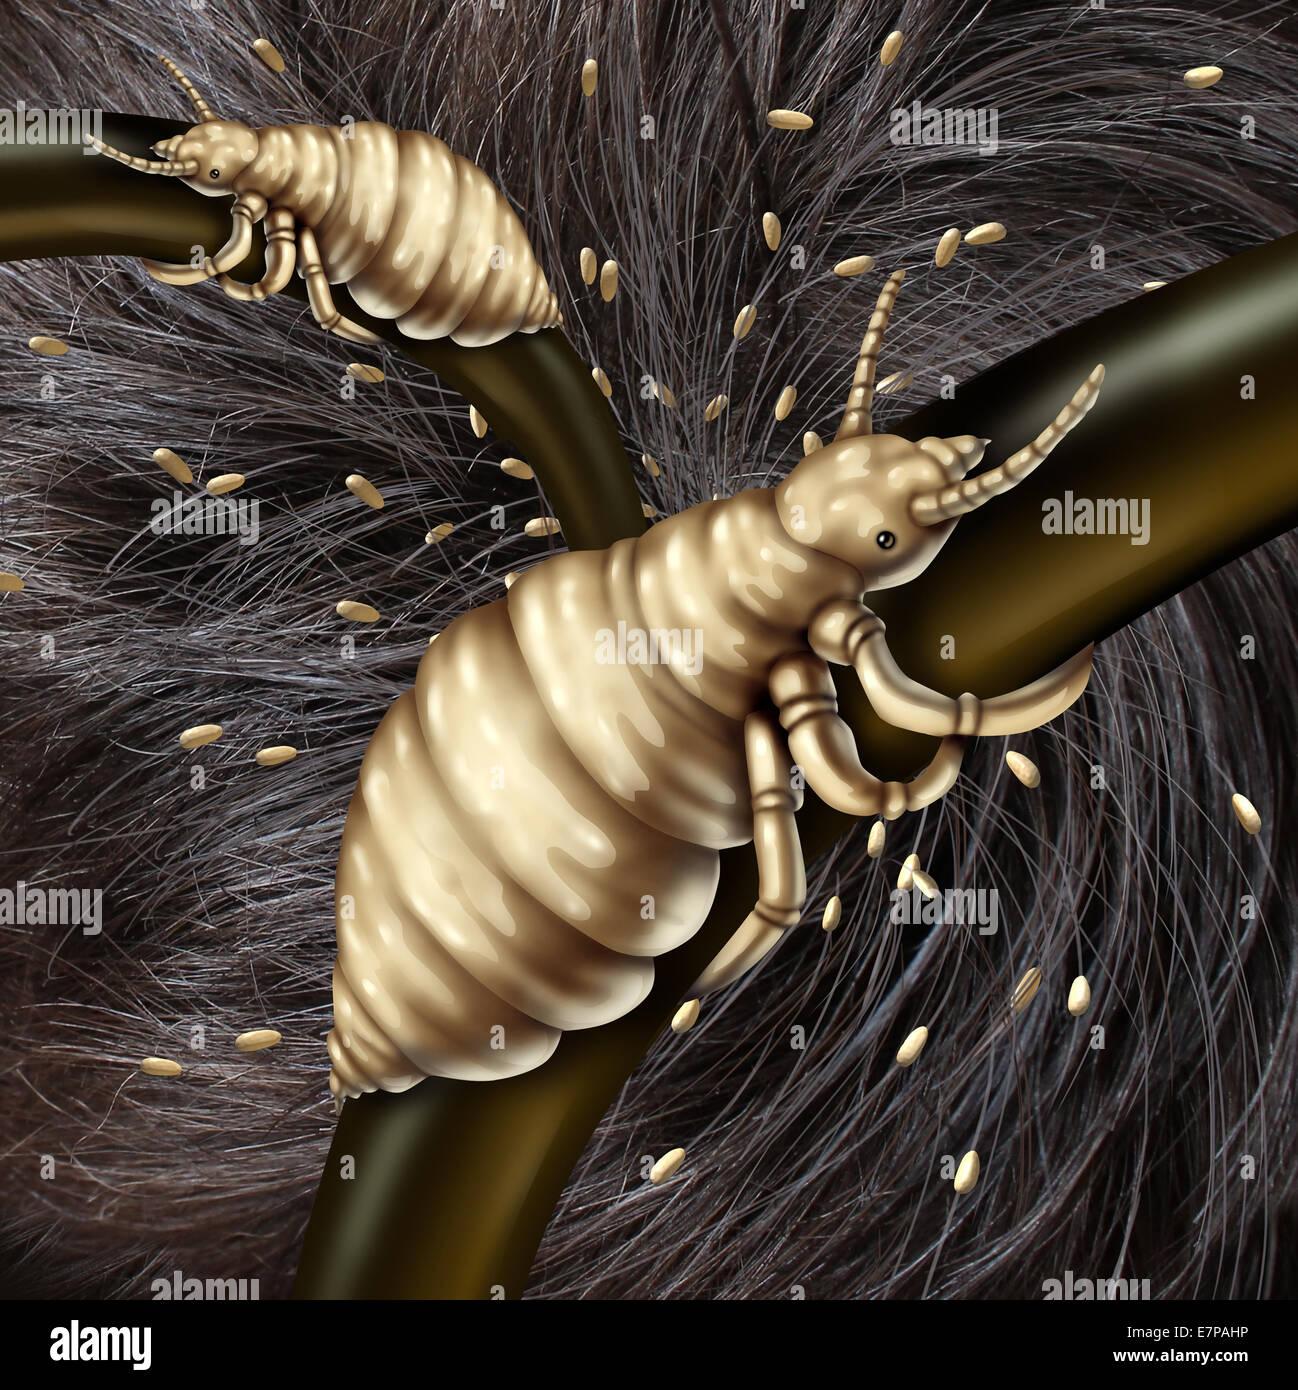 Los piojos en el cabello el problema como un concepto médico con una macro de cerca de una cabeza humana con Imagen De Stock